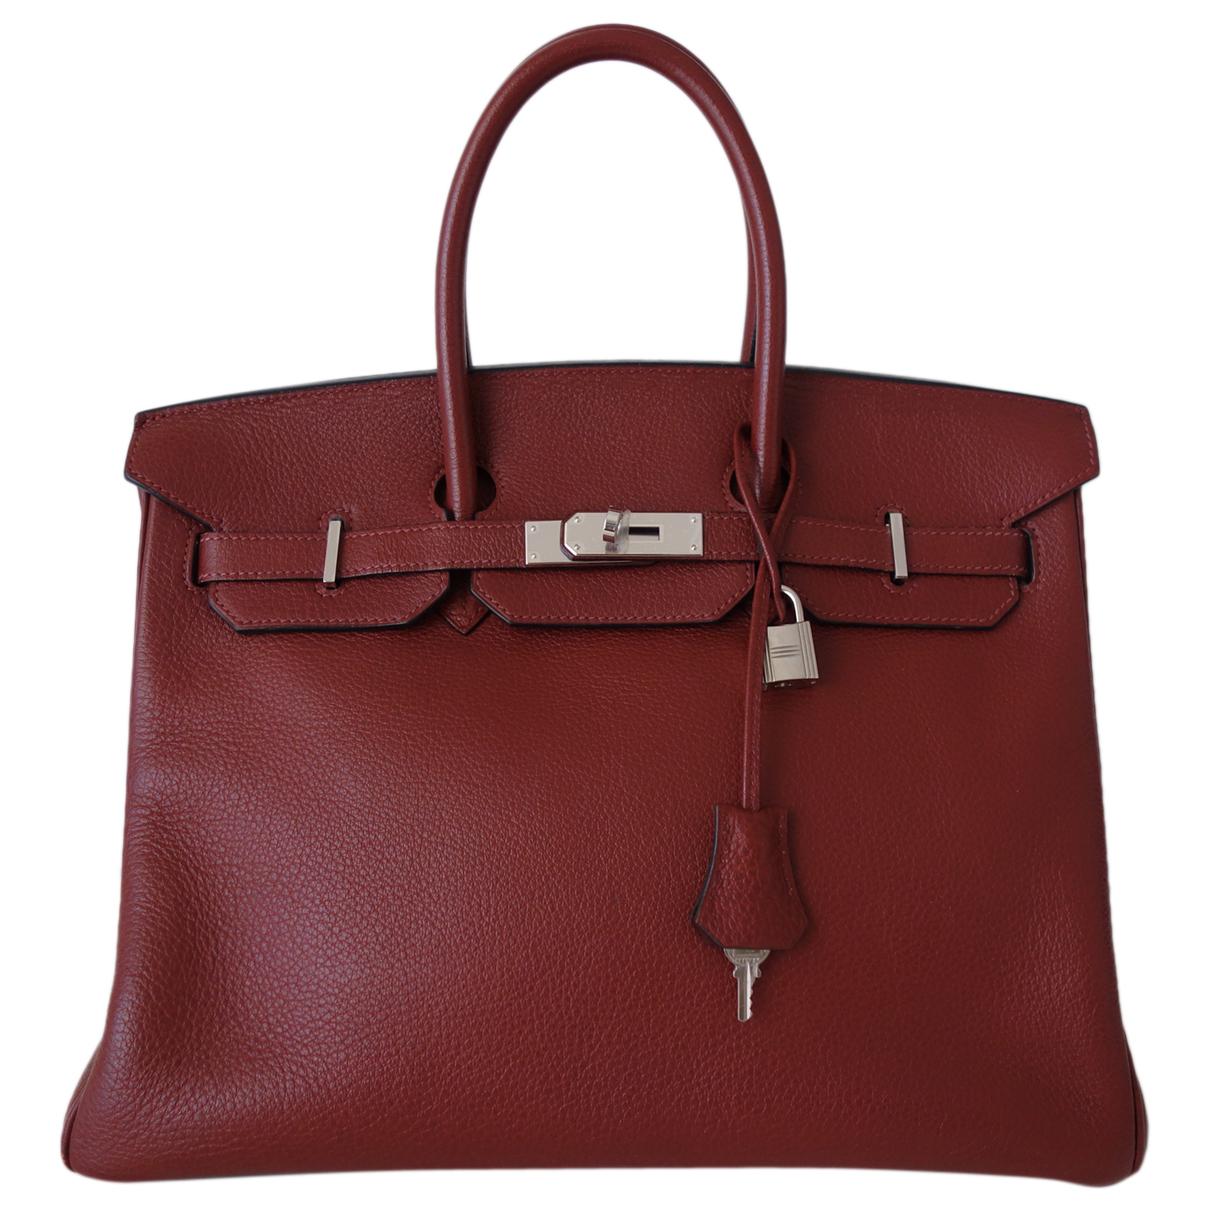 Hermes Birkin 35 Handtasche in  Bordeauxrot Leder